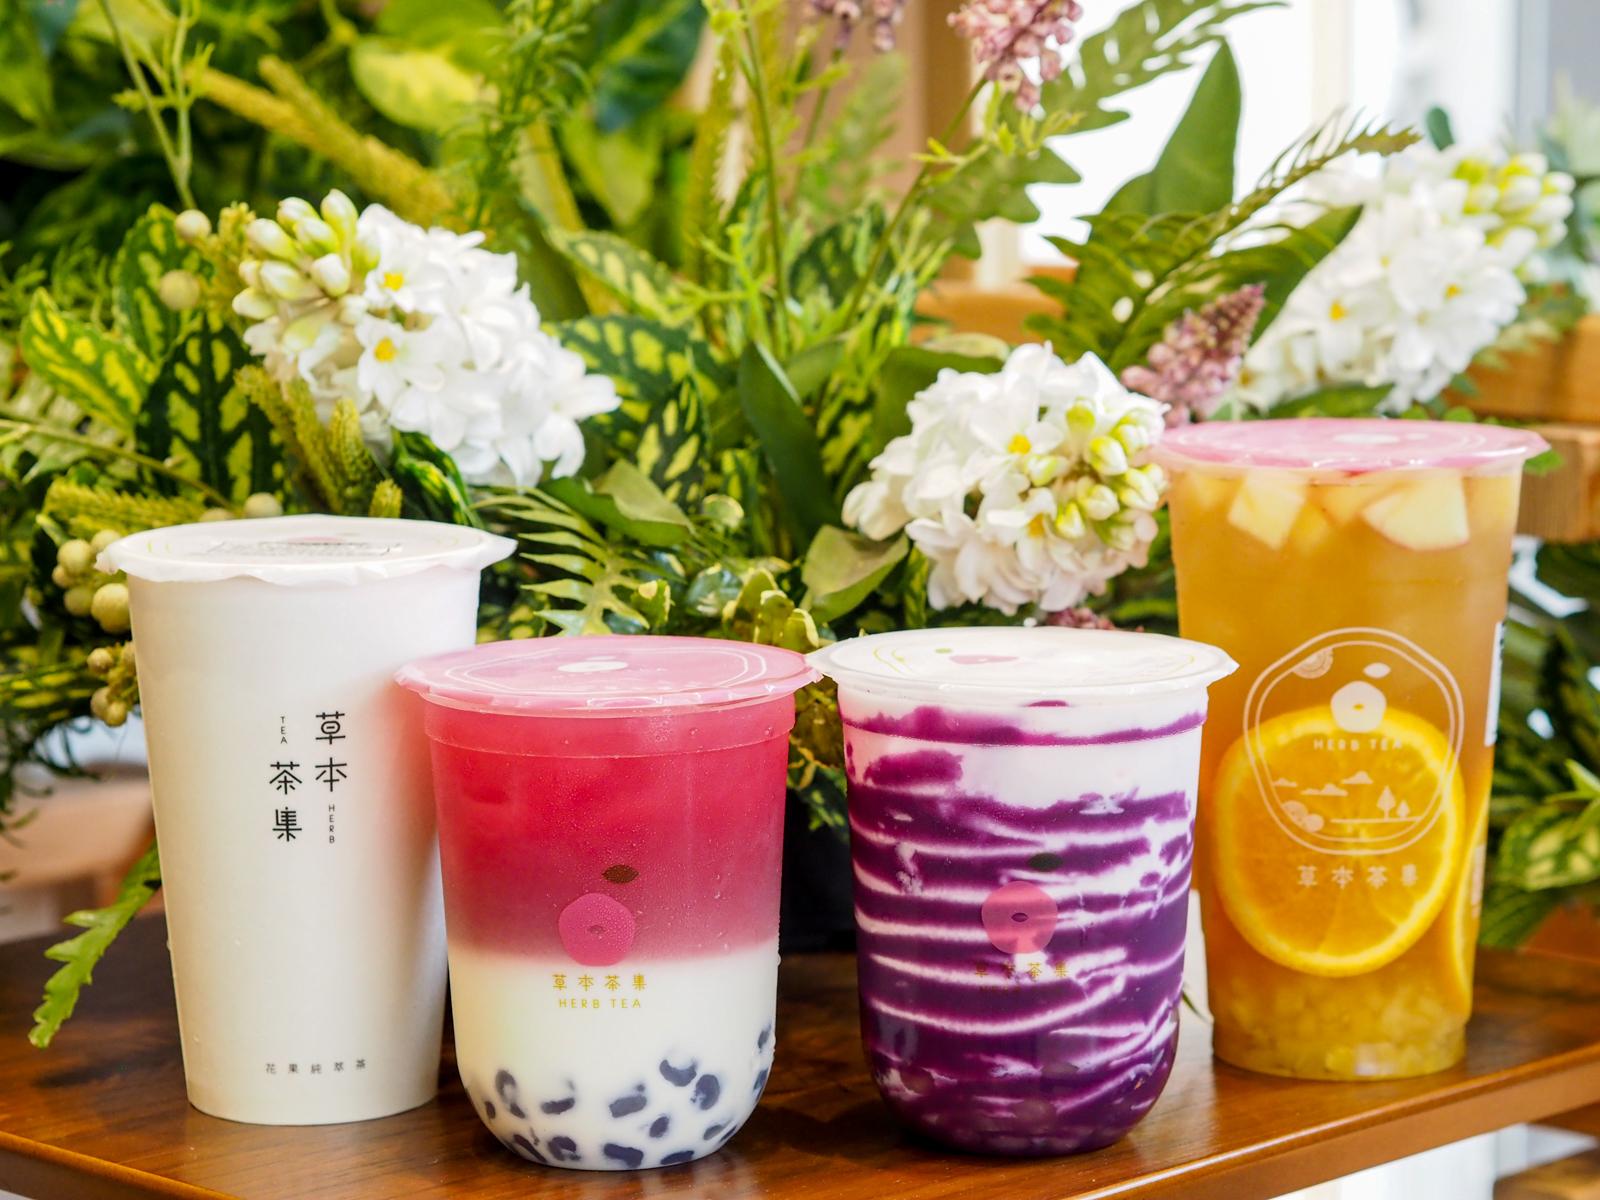 【三重手搖飲推薦】草本茶集 各種特色珍奶好喝又美觀  天然花果茶清涼一夏午